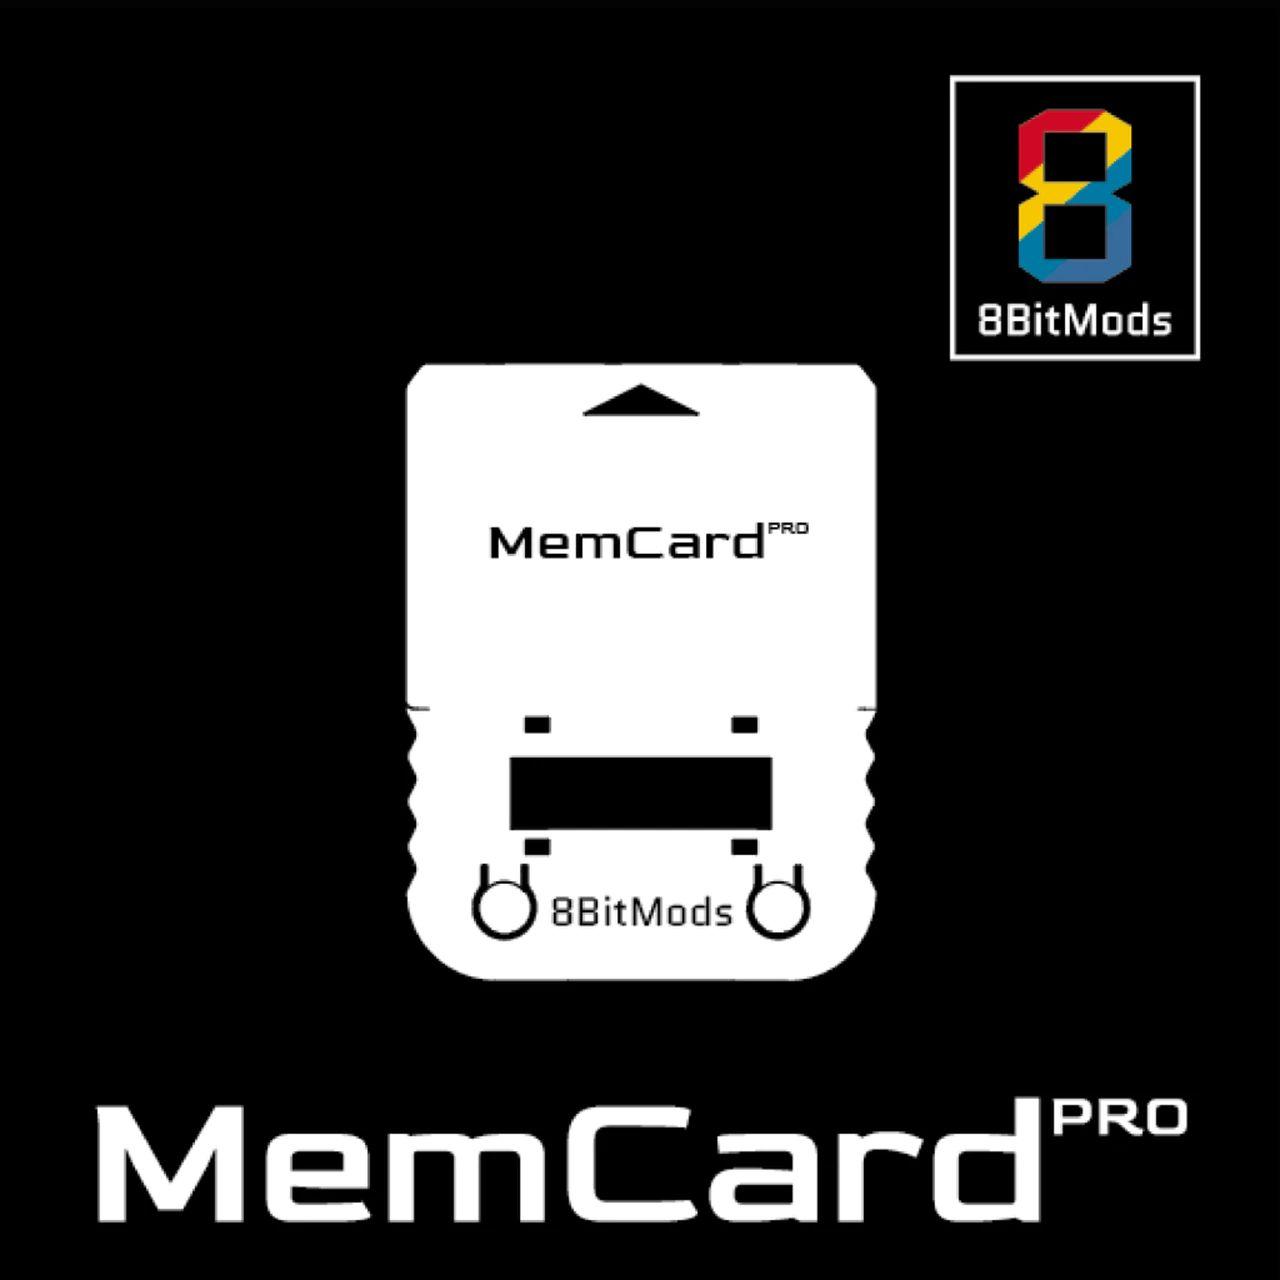 memcardpro 8bitmods 2 - Zapomnij o ograniczonym miejscu na twojej karcie pamięci! Wszystko dzięki MemCard PRO od 8BitMods.